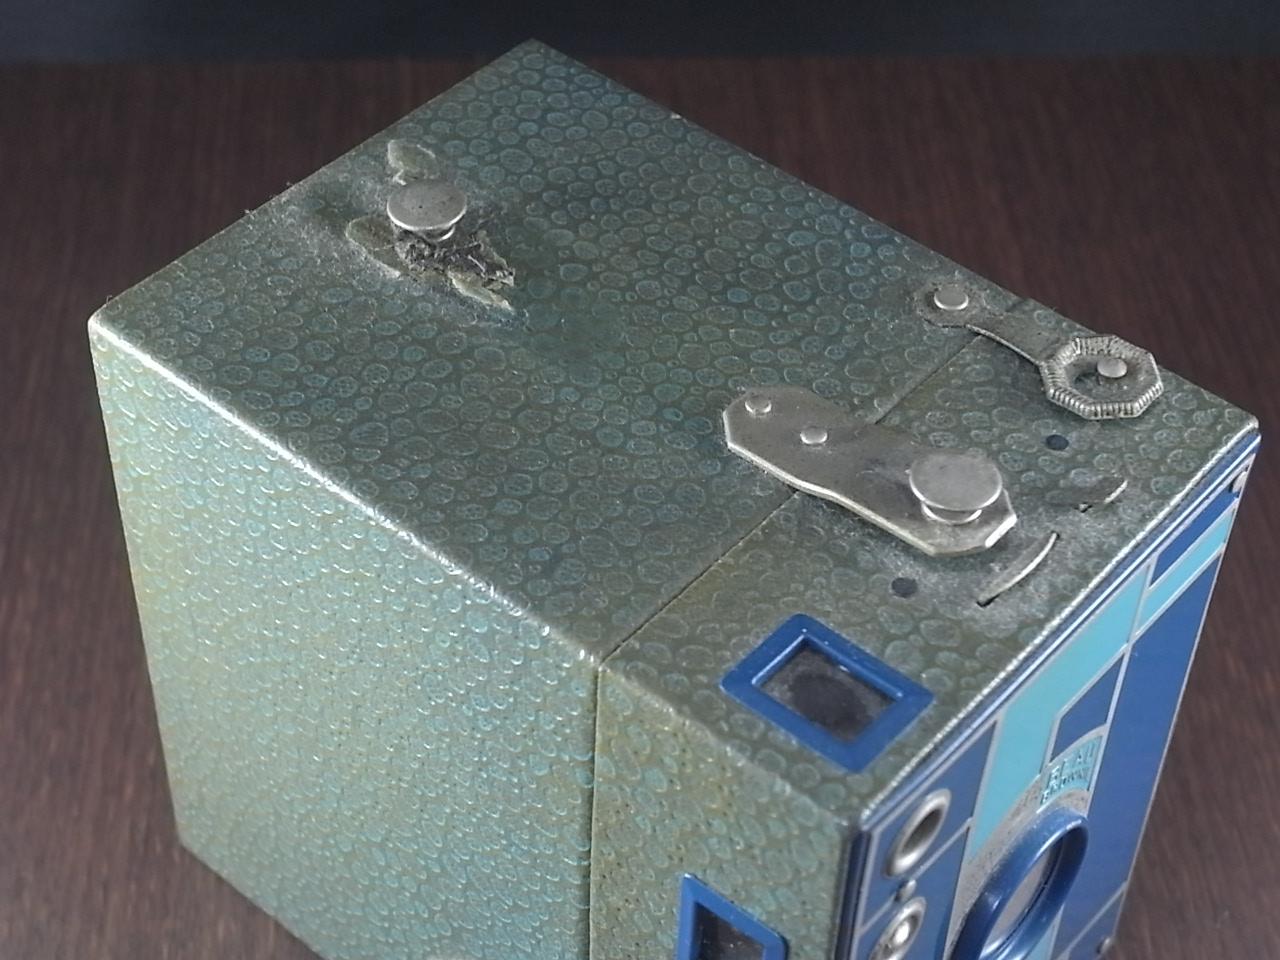 コダック No.2 ブローニー アールデコカメラ ブルーの写真4枚目